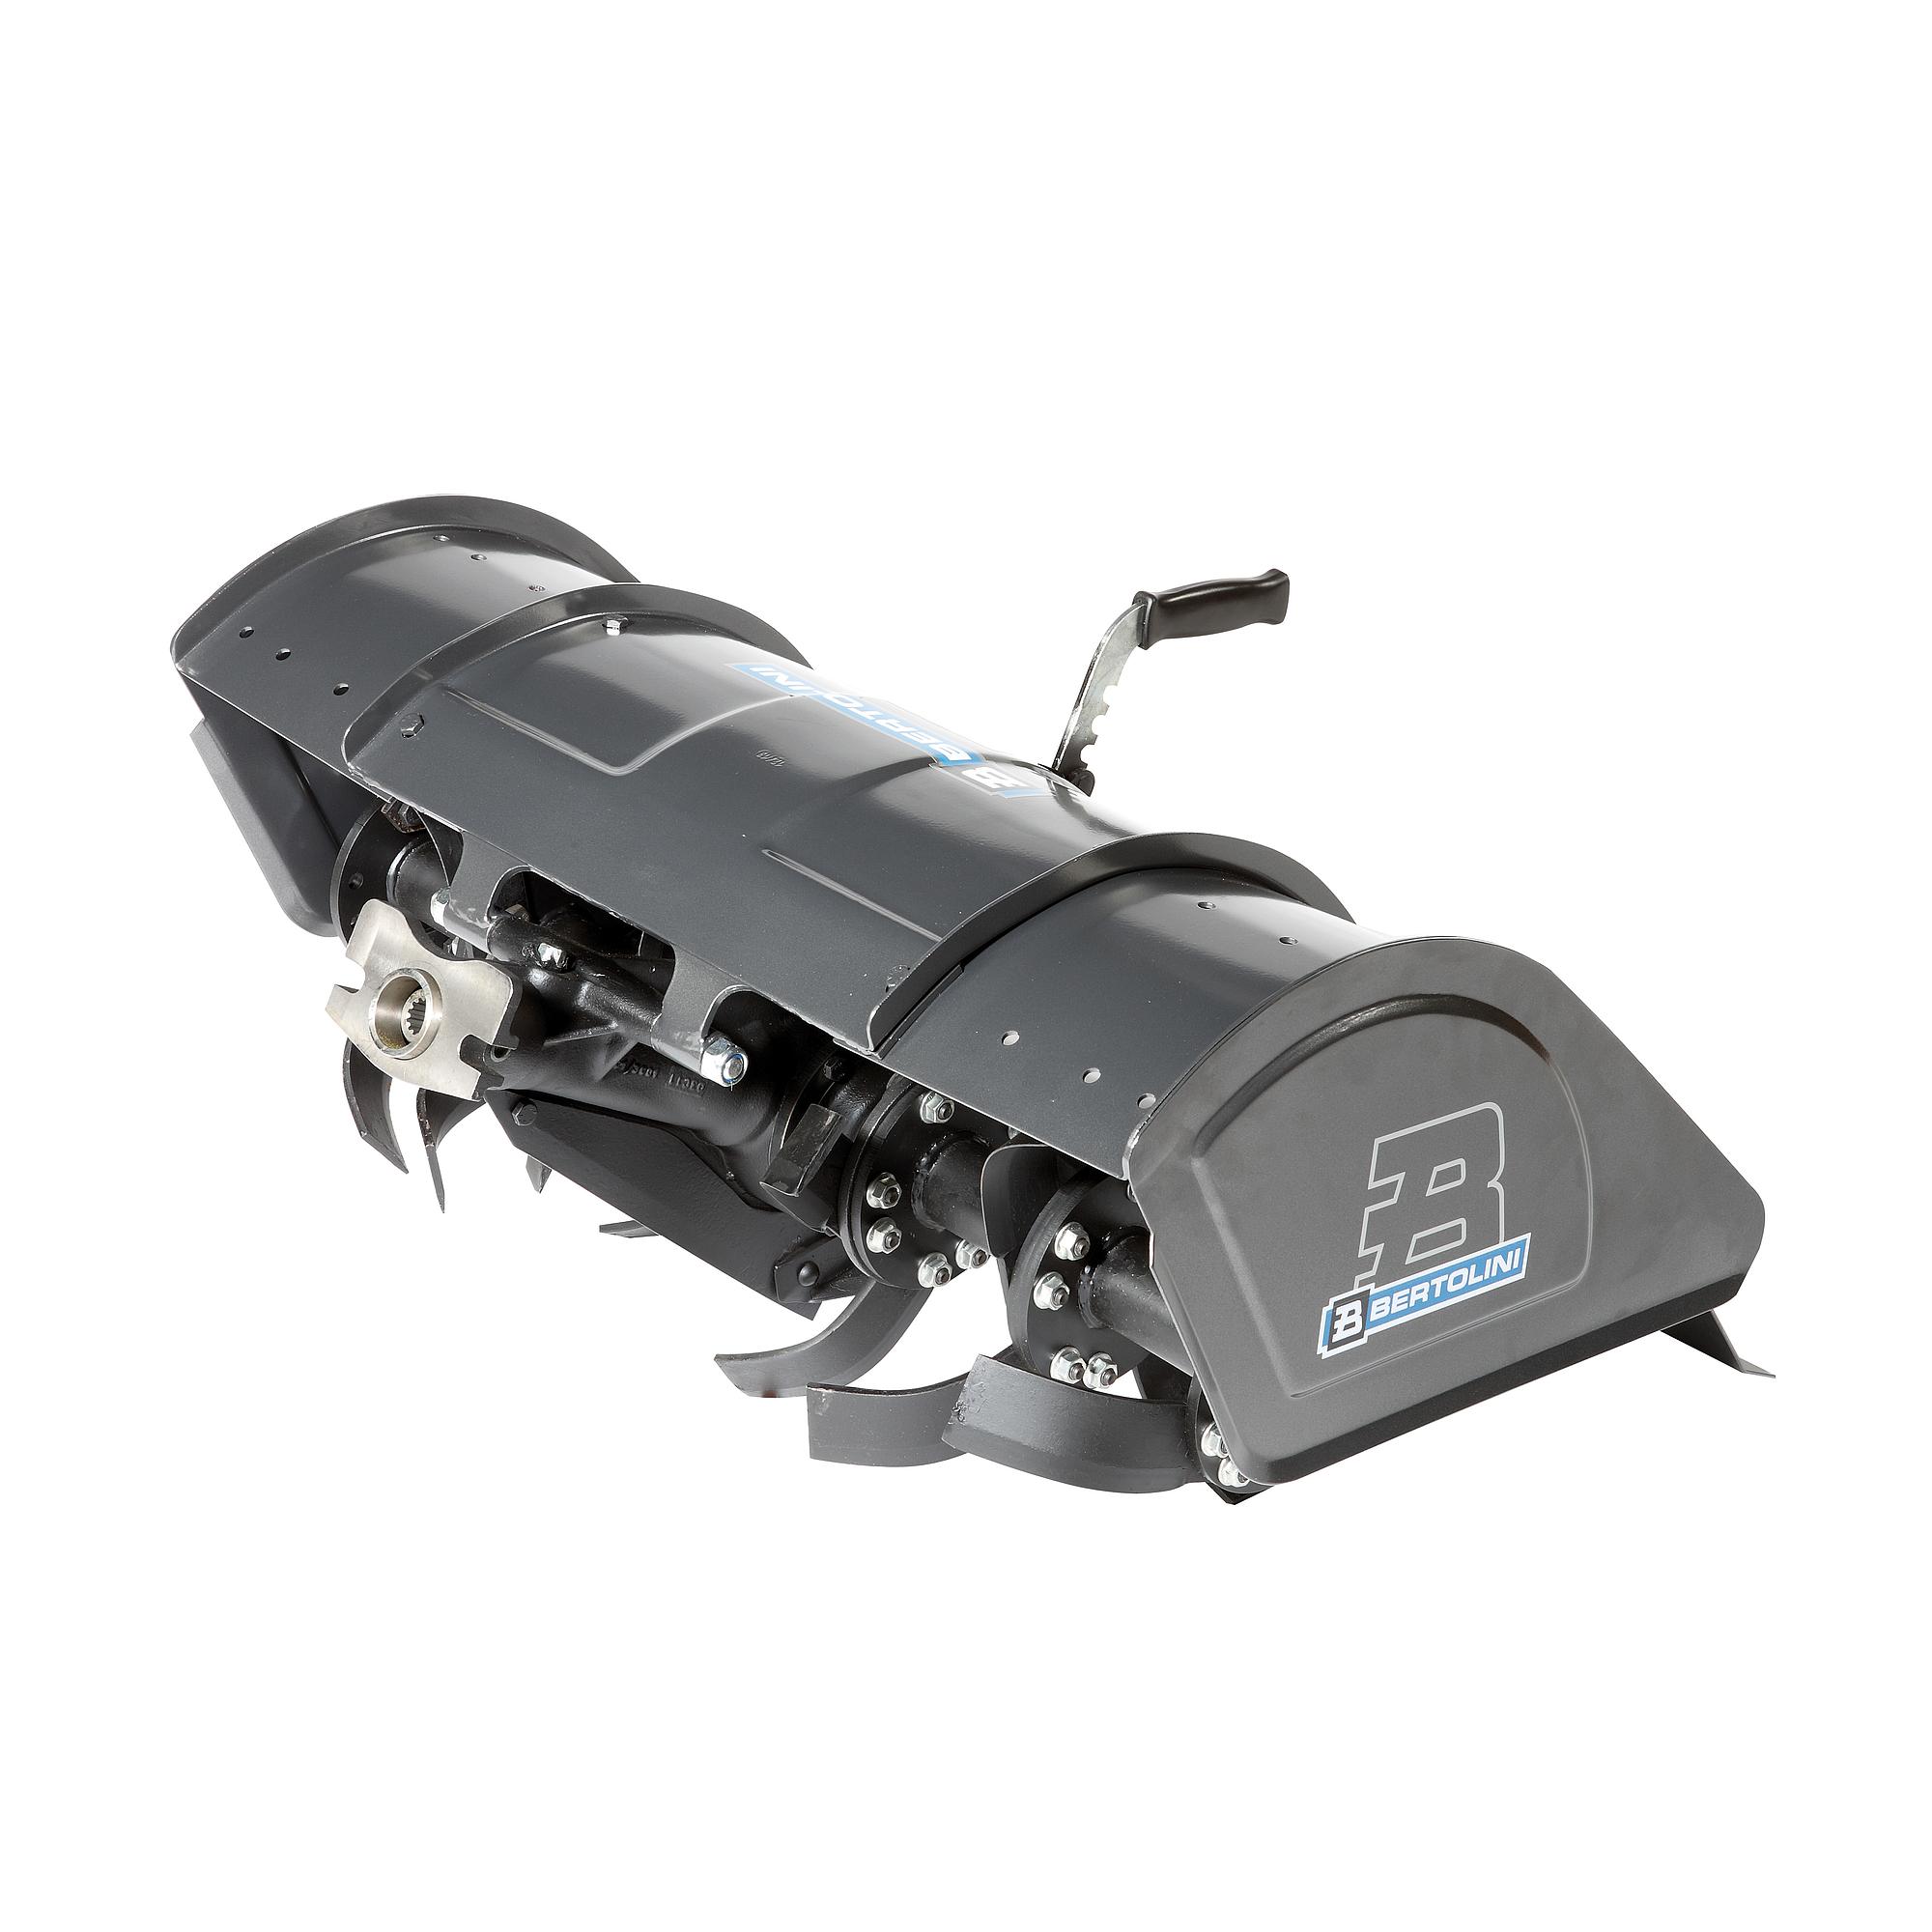 Bertolini Rotor 80 cm, 20 késes motoros kultivátorhoz 69219076